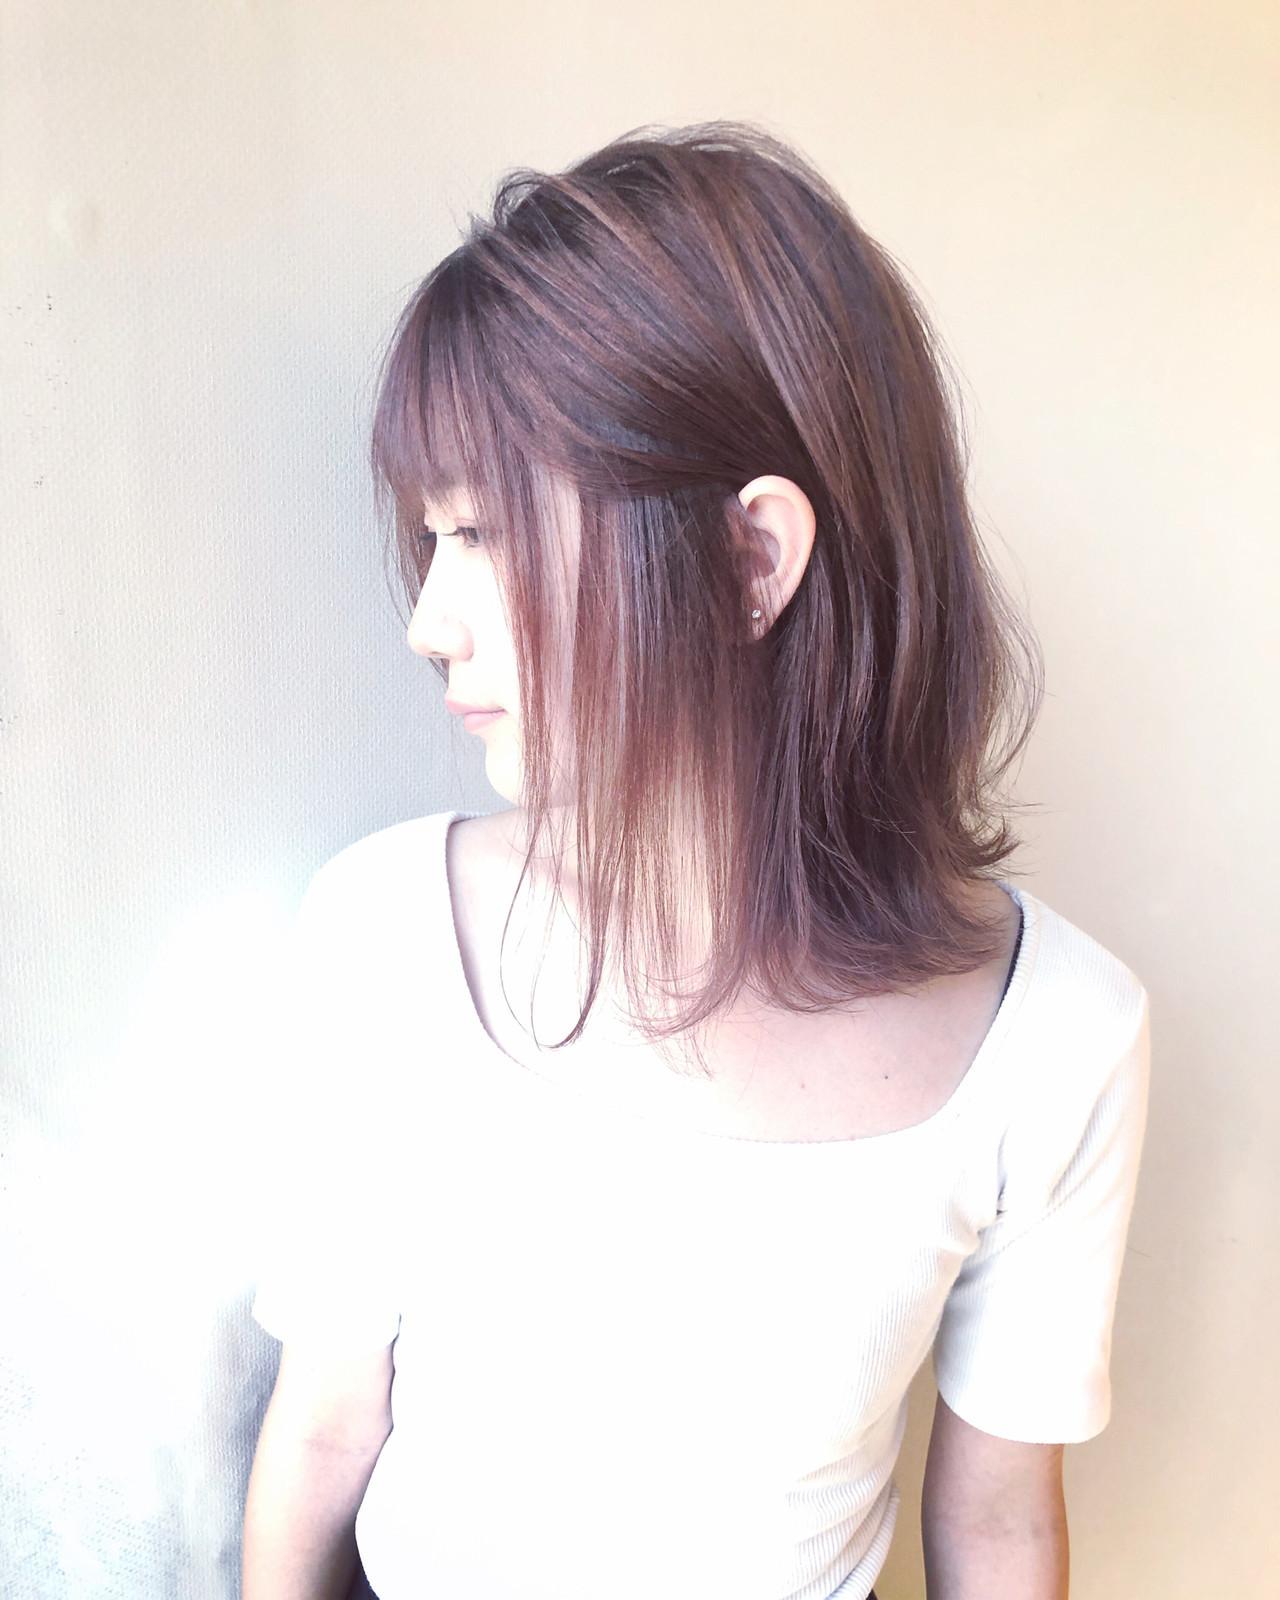 ダメージレス 透明感 ツヤ髪 ミディアム ヘアスタイルや髪型の写真・画像